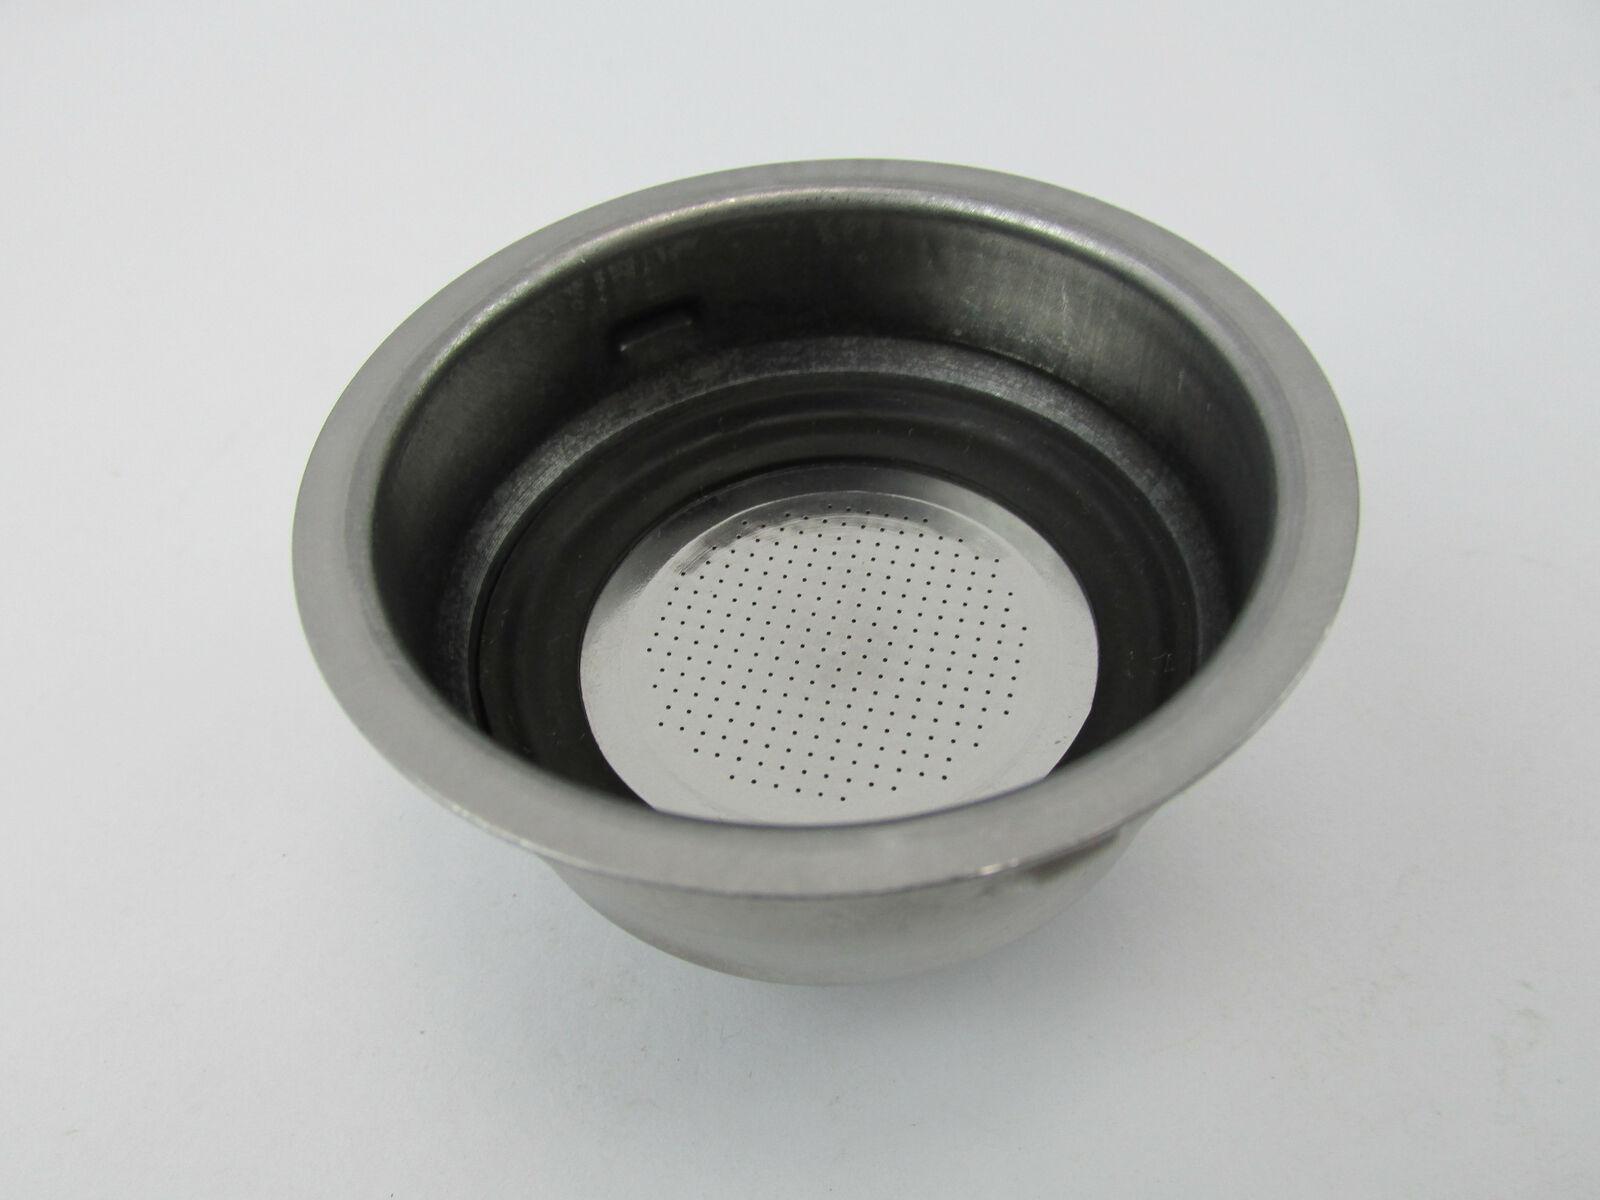 Delonghi Espresso Machine 2 Cup Coffee Filter Assembly EC140B EC155 BAR32 Bar-32 - $10.48